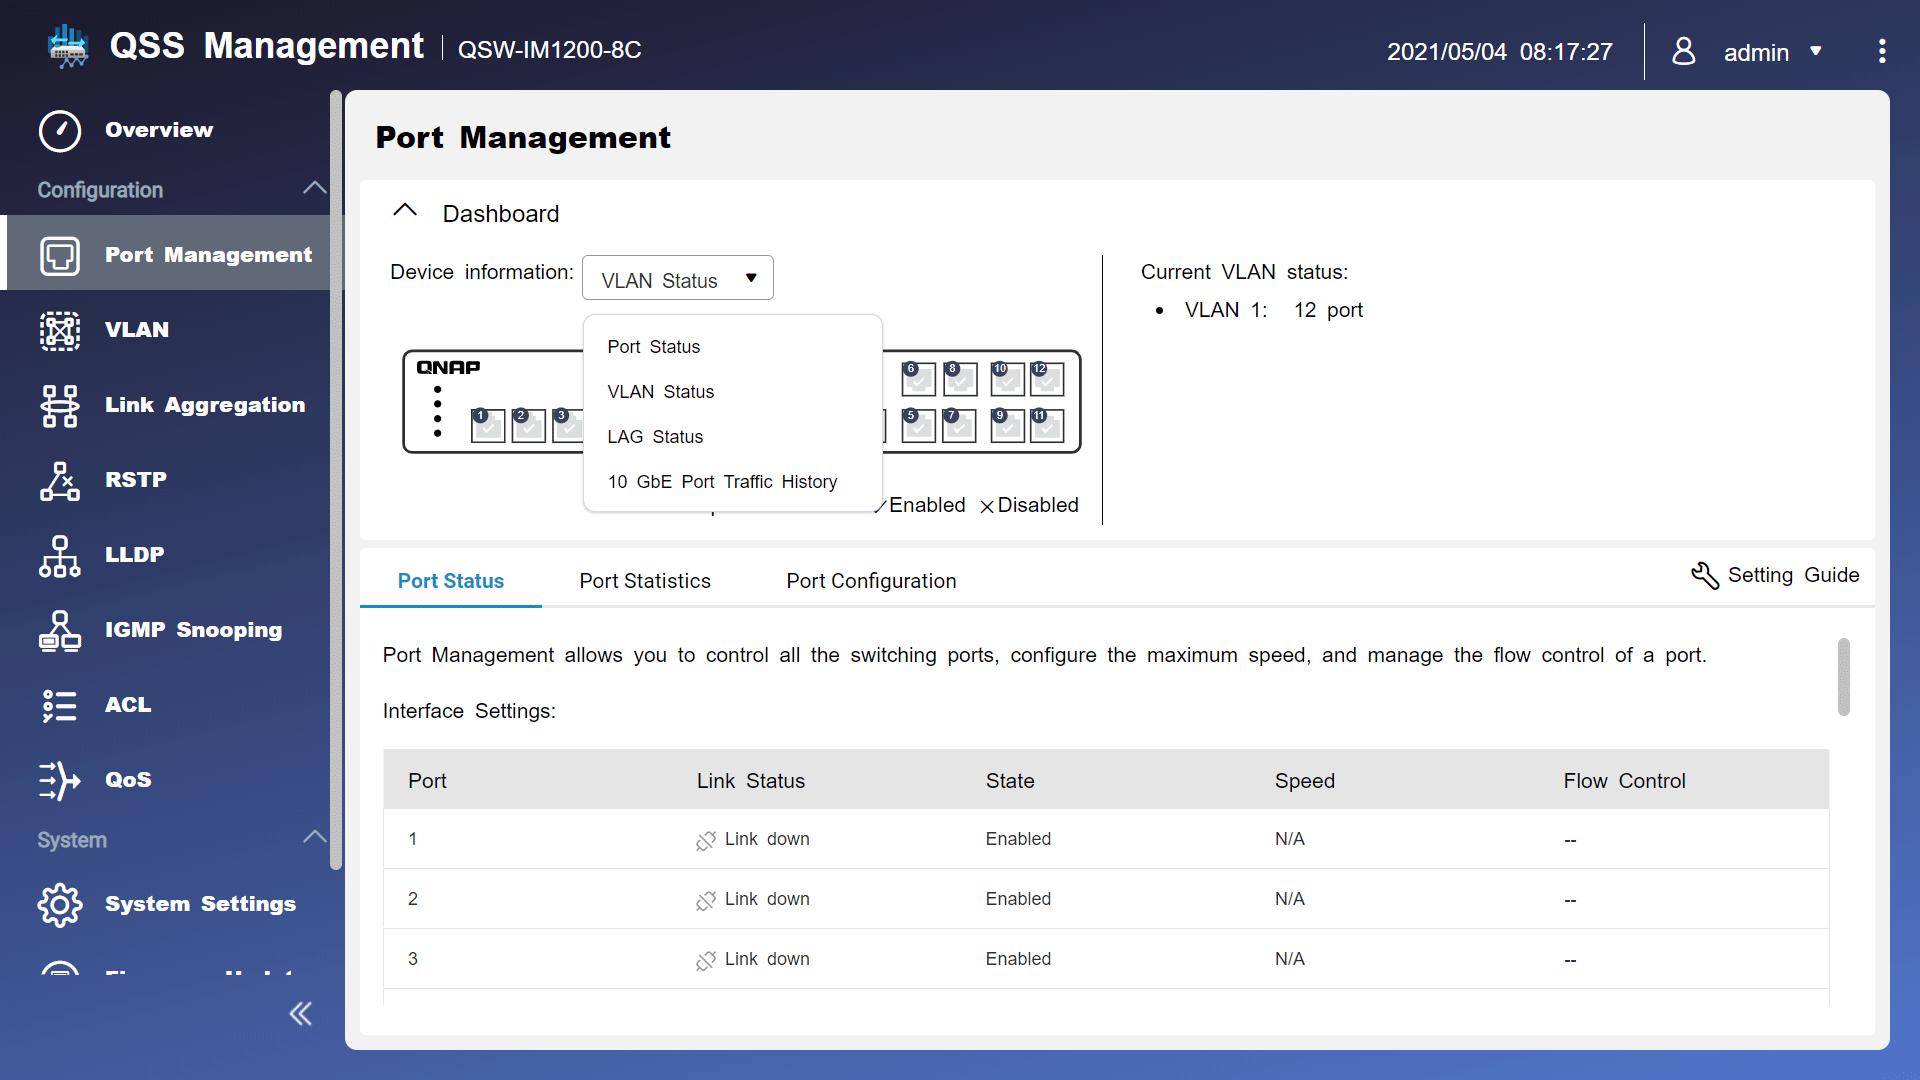 qsw-im1200-8c_qss-management_04.png